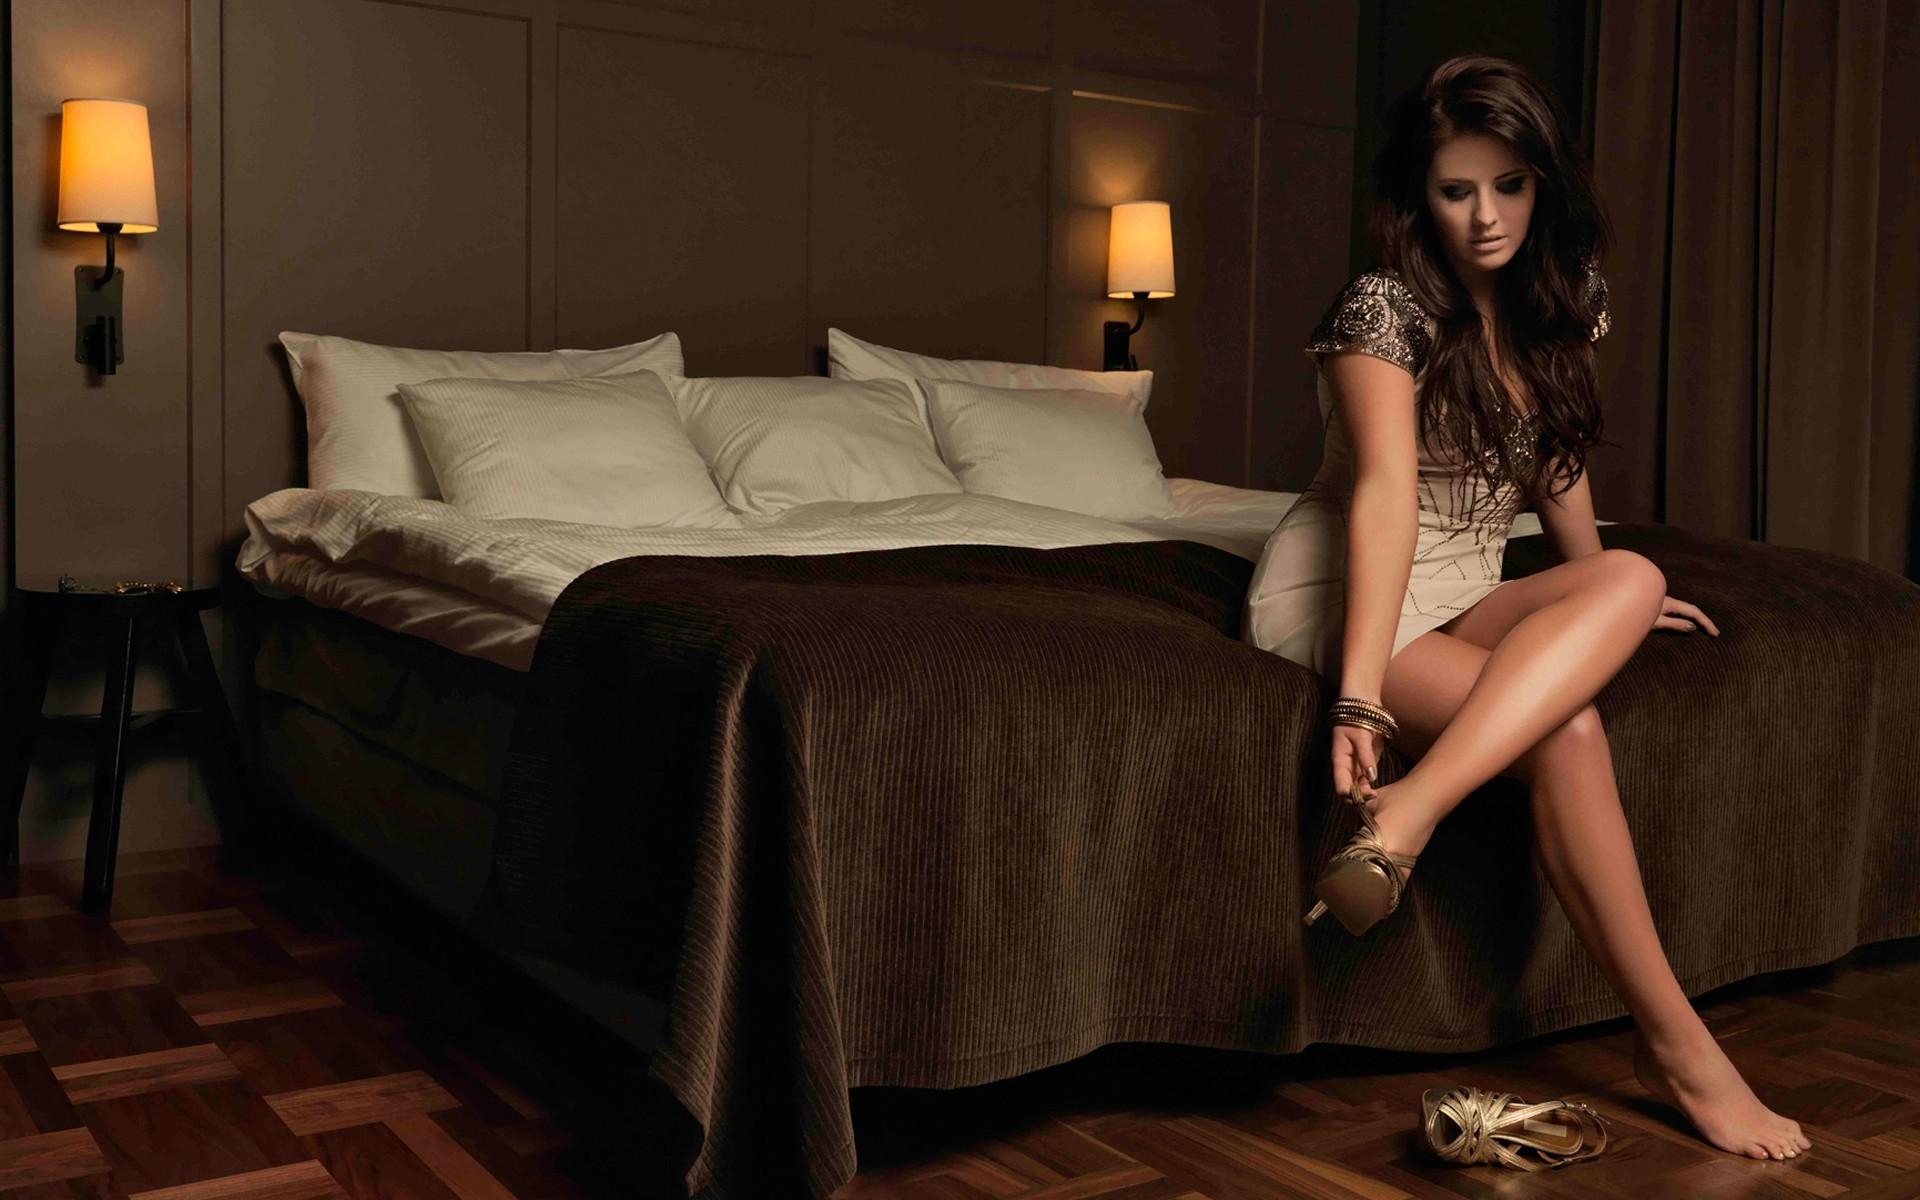 фото самых красивых девушек брюнеток в комнате если правильно